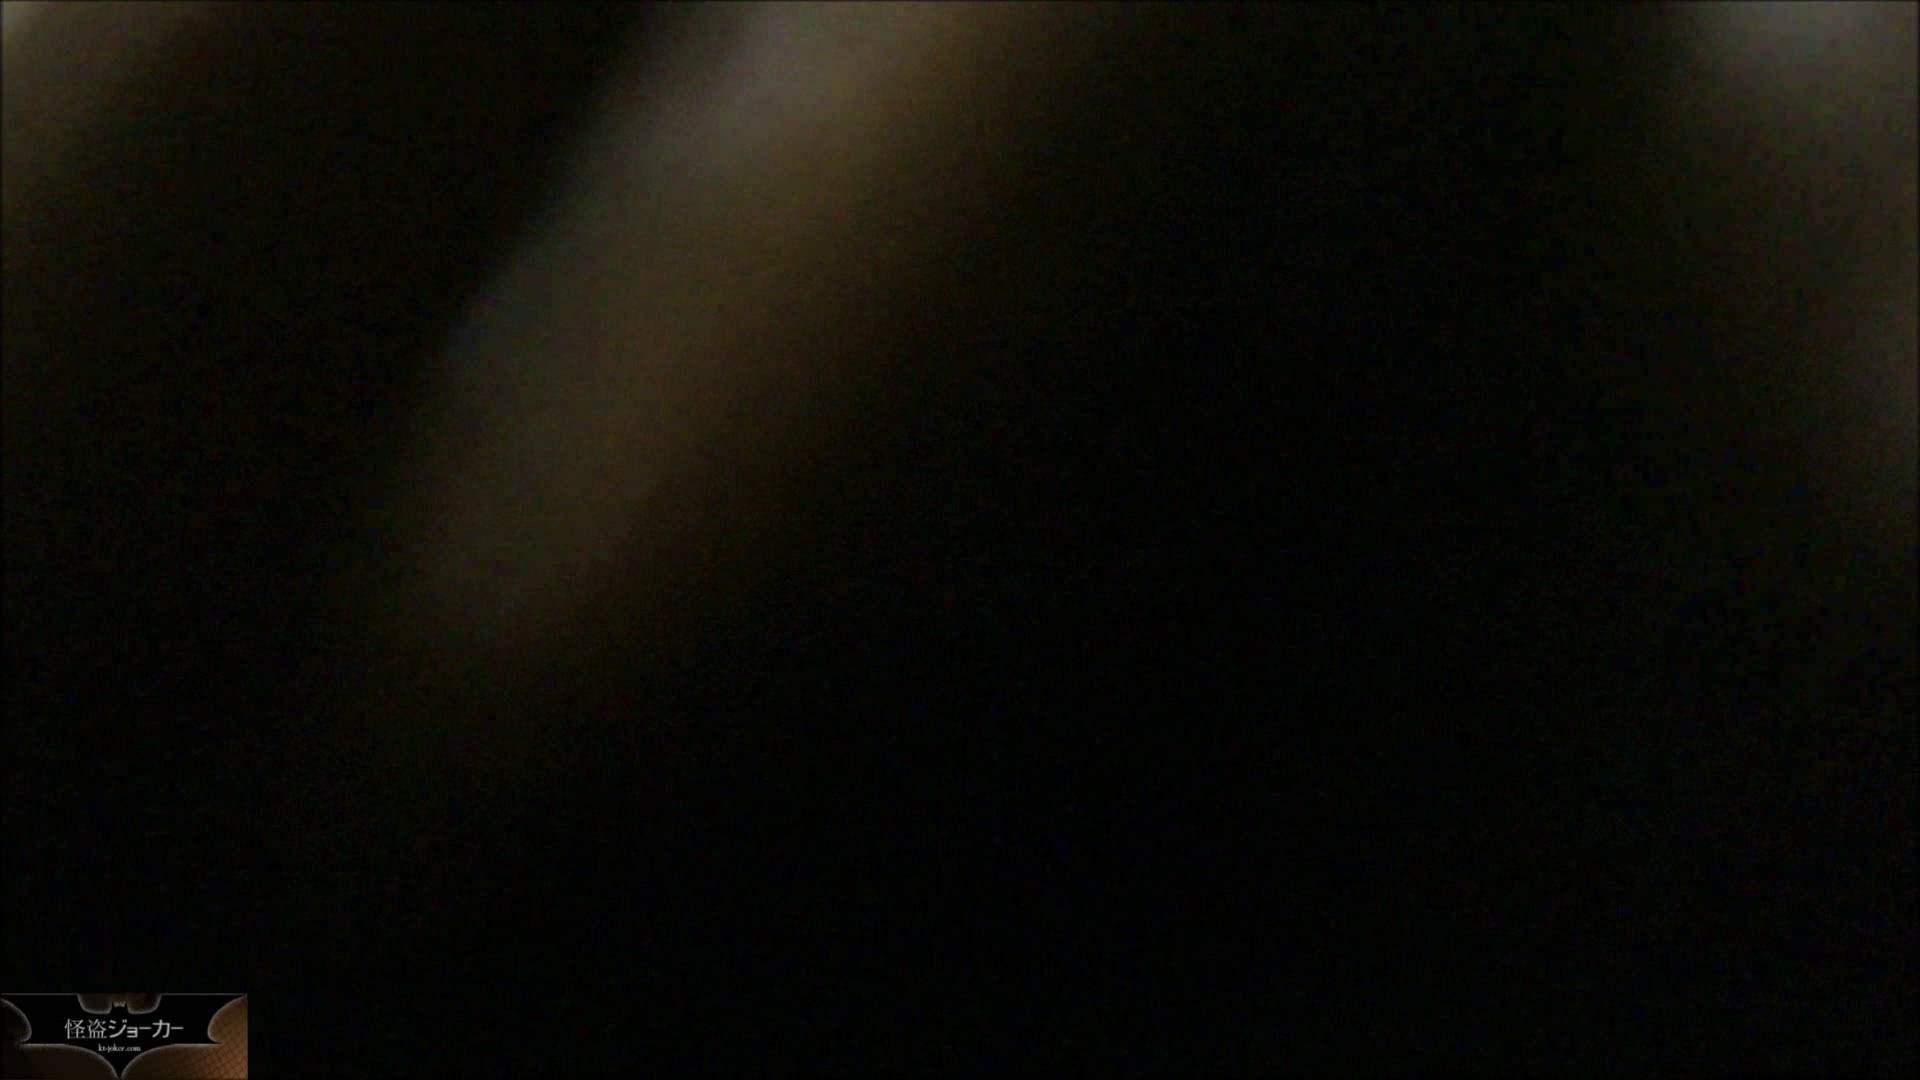 【未公開】vol.4 ユリナ×ヒトミ女市女末を・・・ 美人編  86画像 36